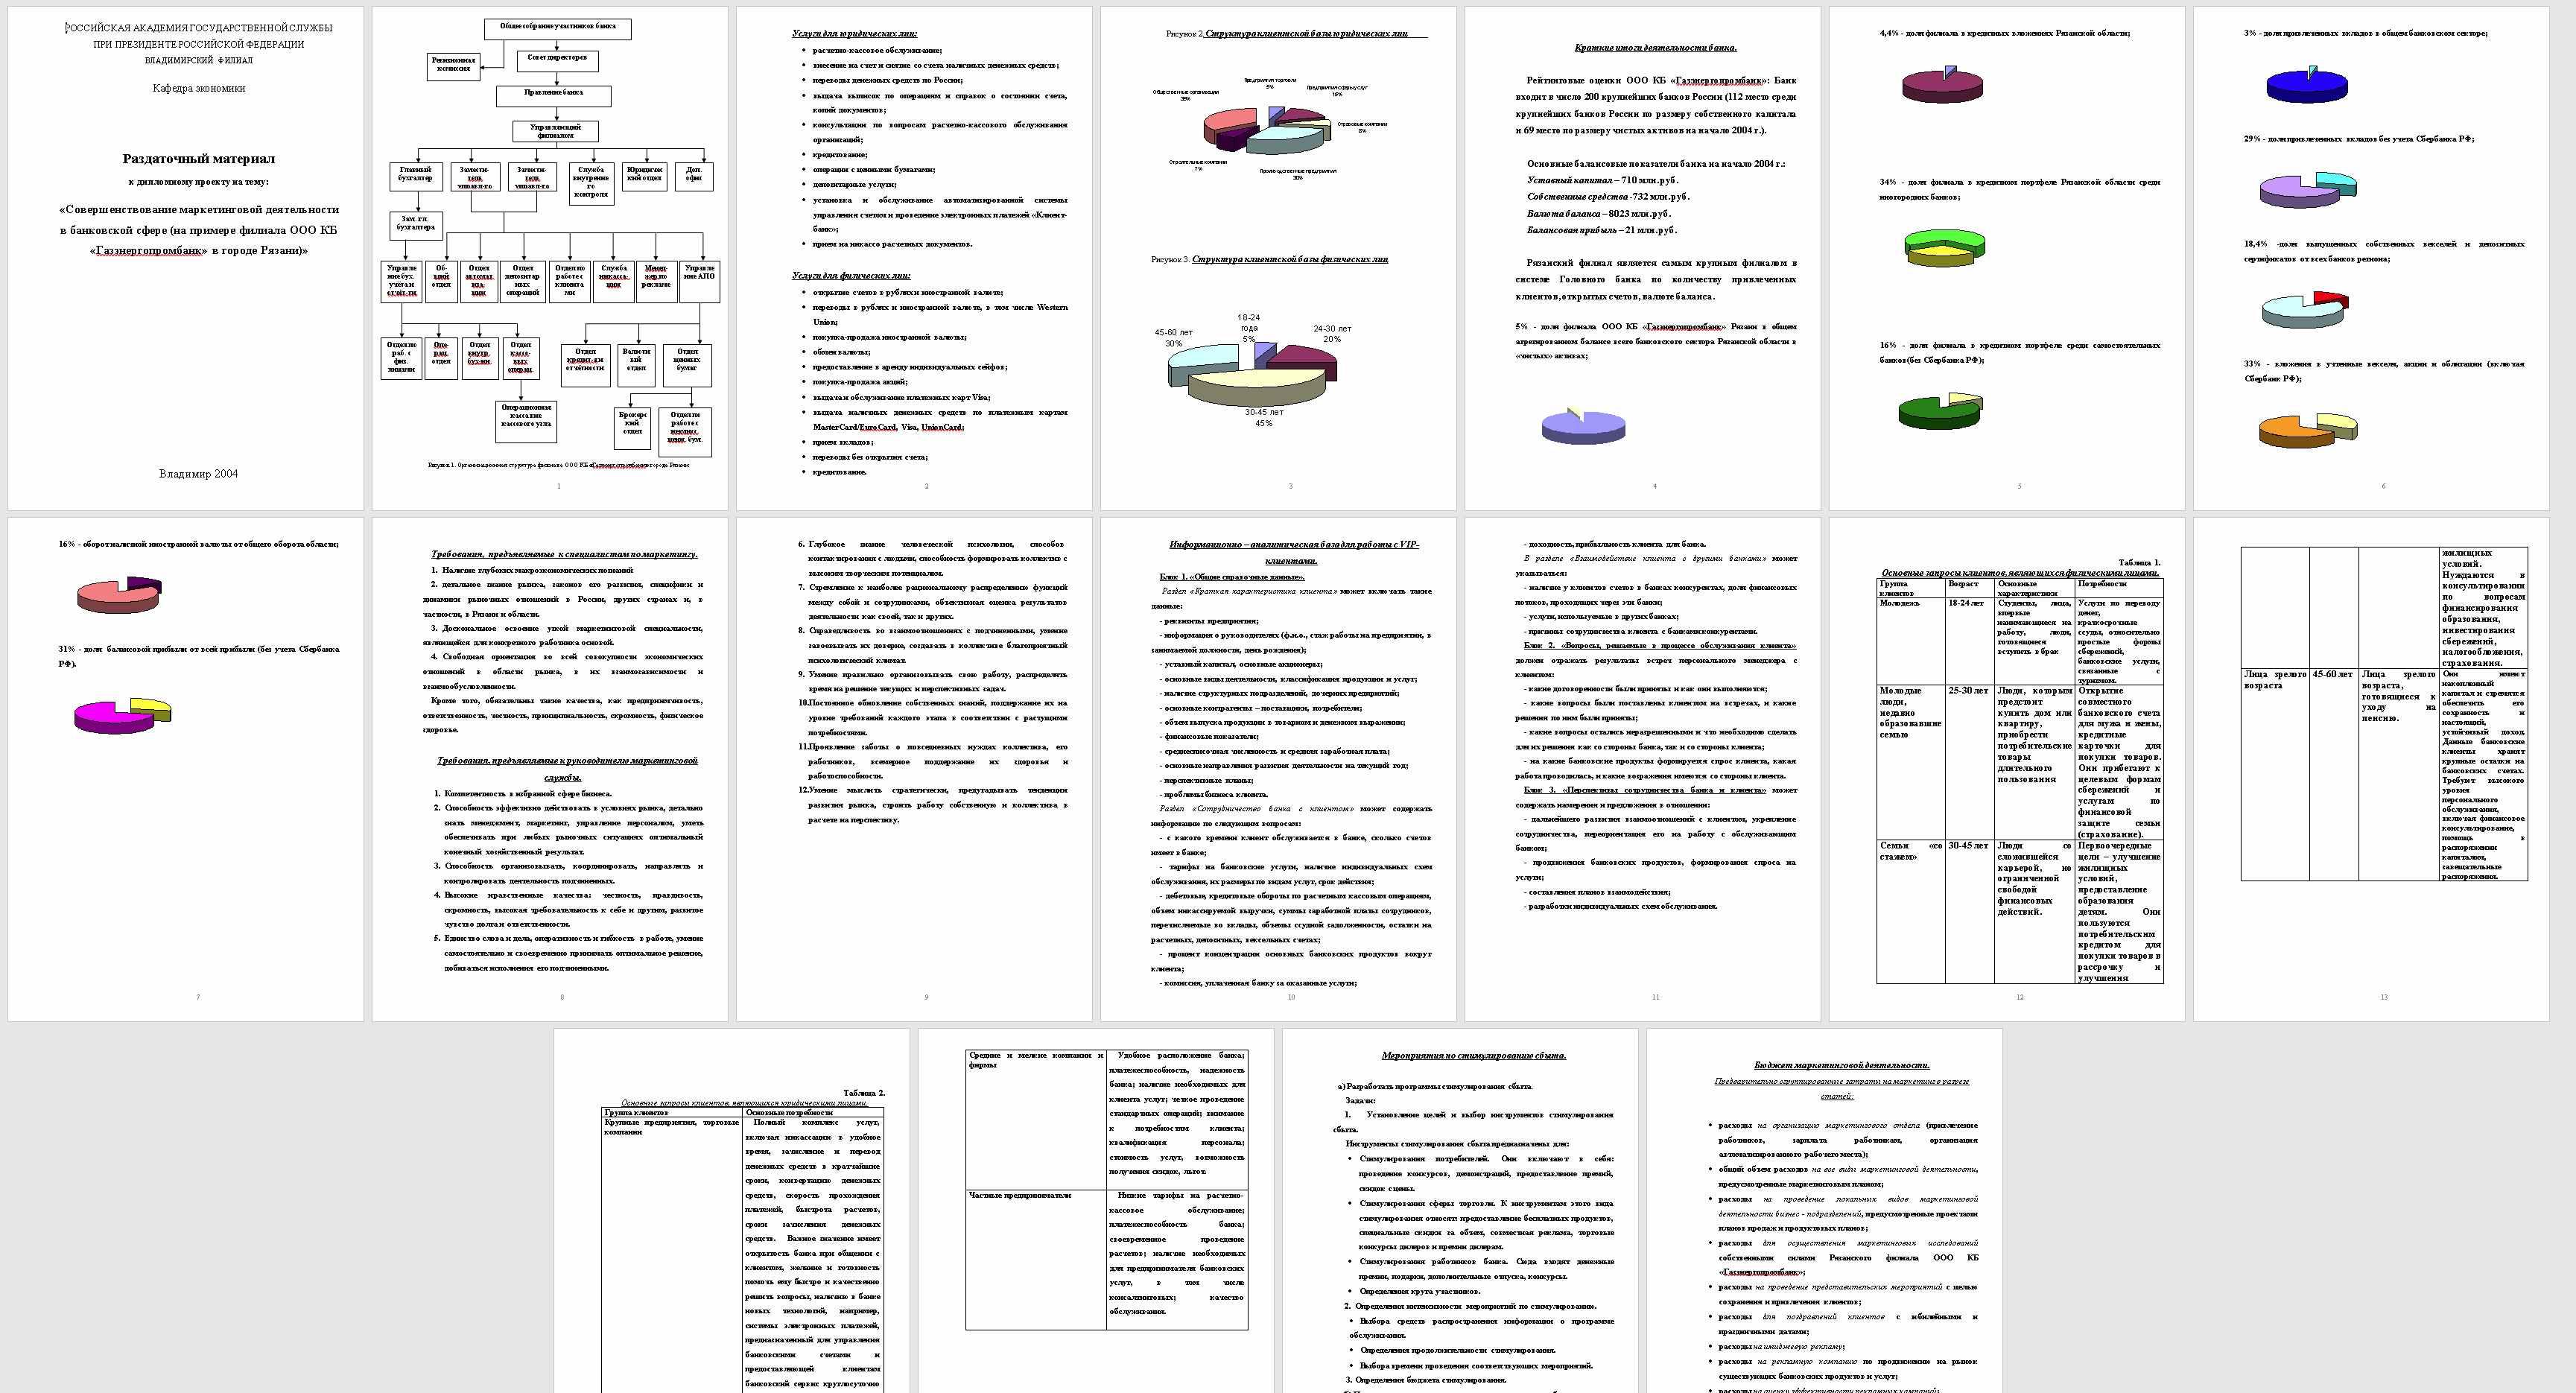 Пример раздаточного материала дипломной работы